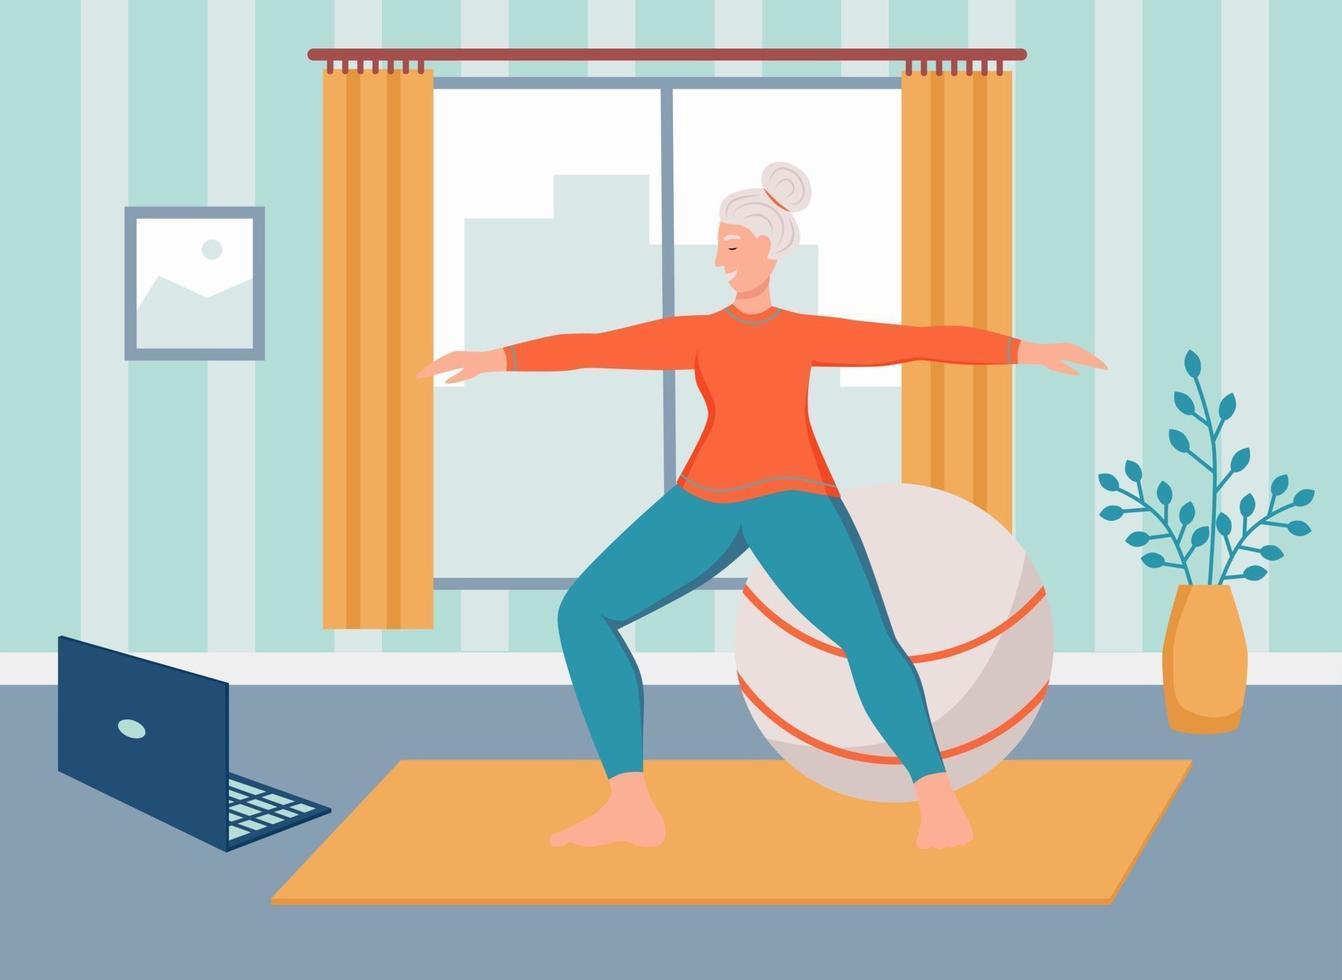 une femme âgée fait du yoga à la maison. le concept de la vieillesse active, du sport et du yoga. jour des personnes âgées. illustration vectorielle de dessin animé plat. vecteur